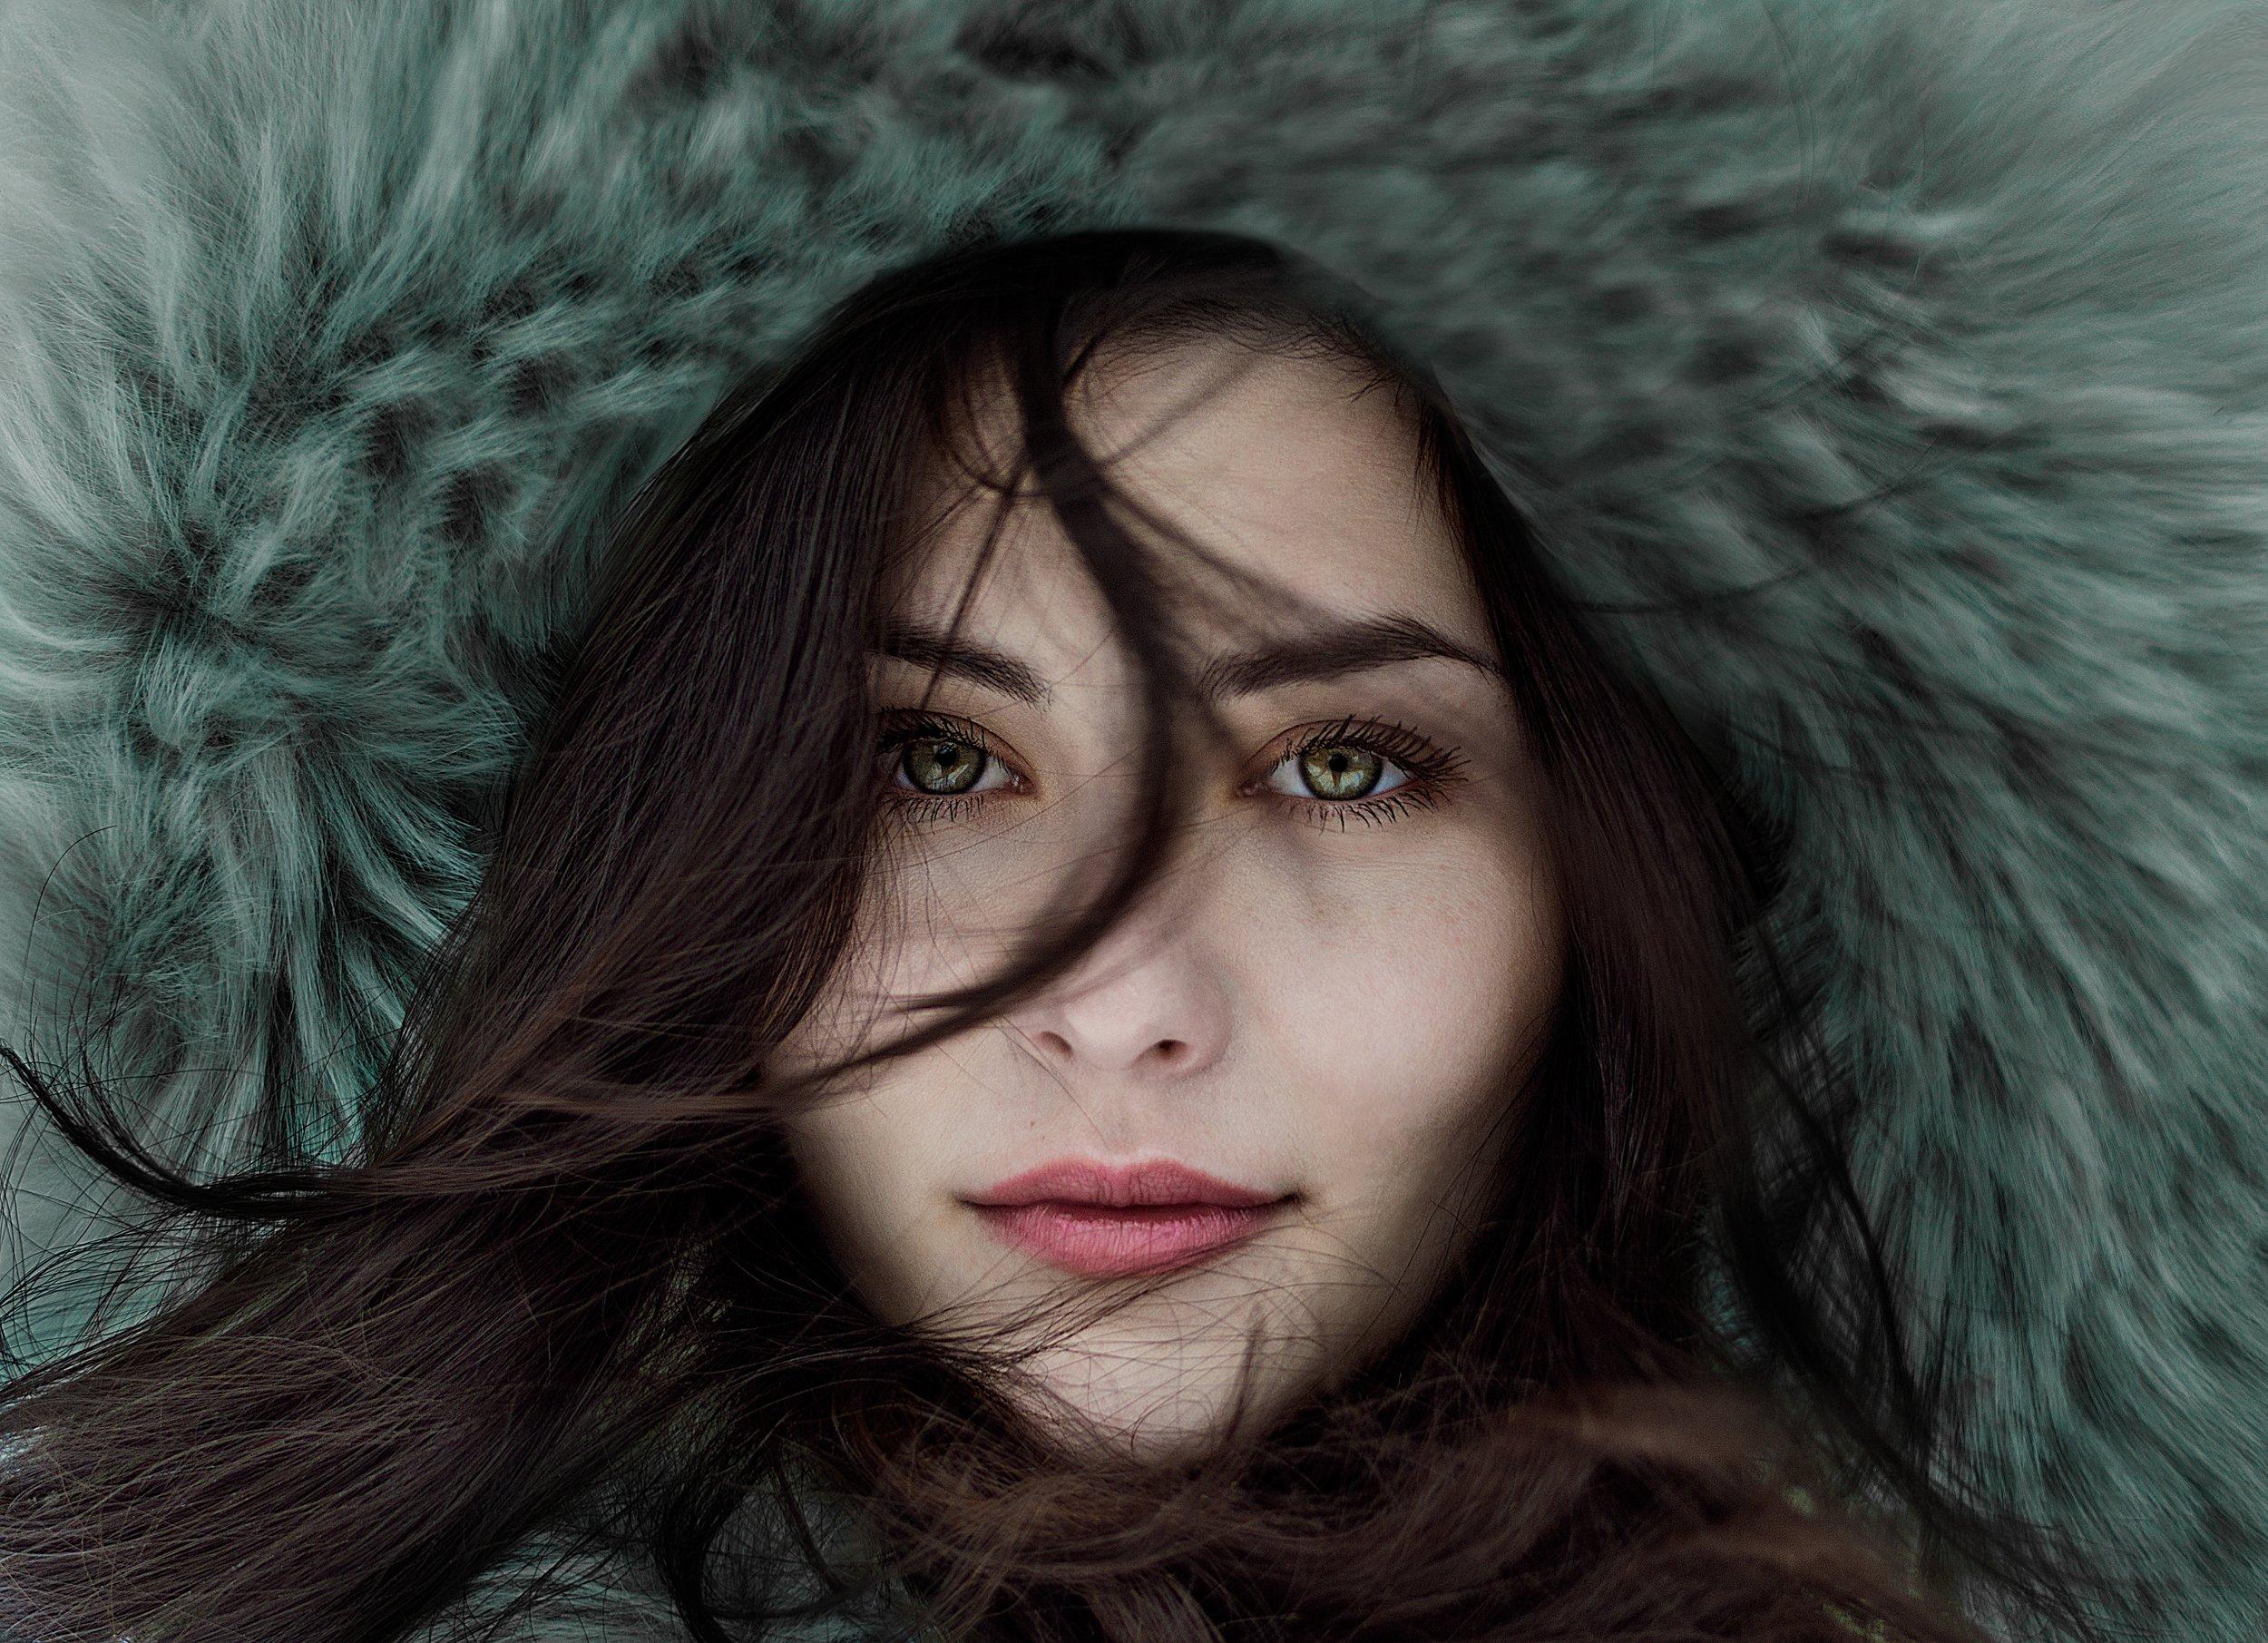 Winter girl - green eyes.jpg